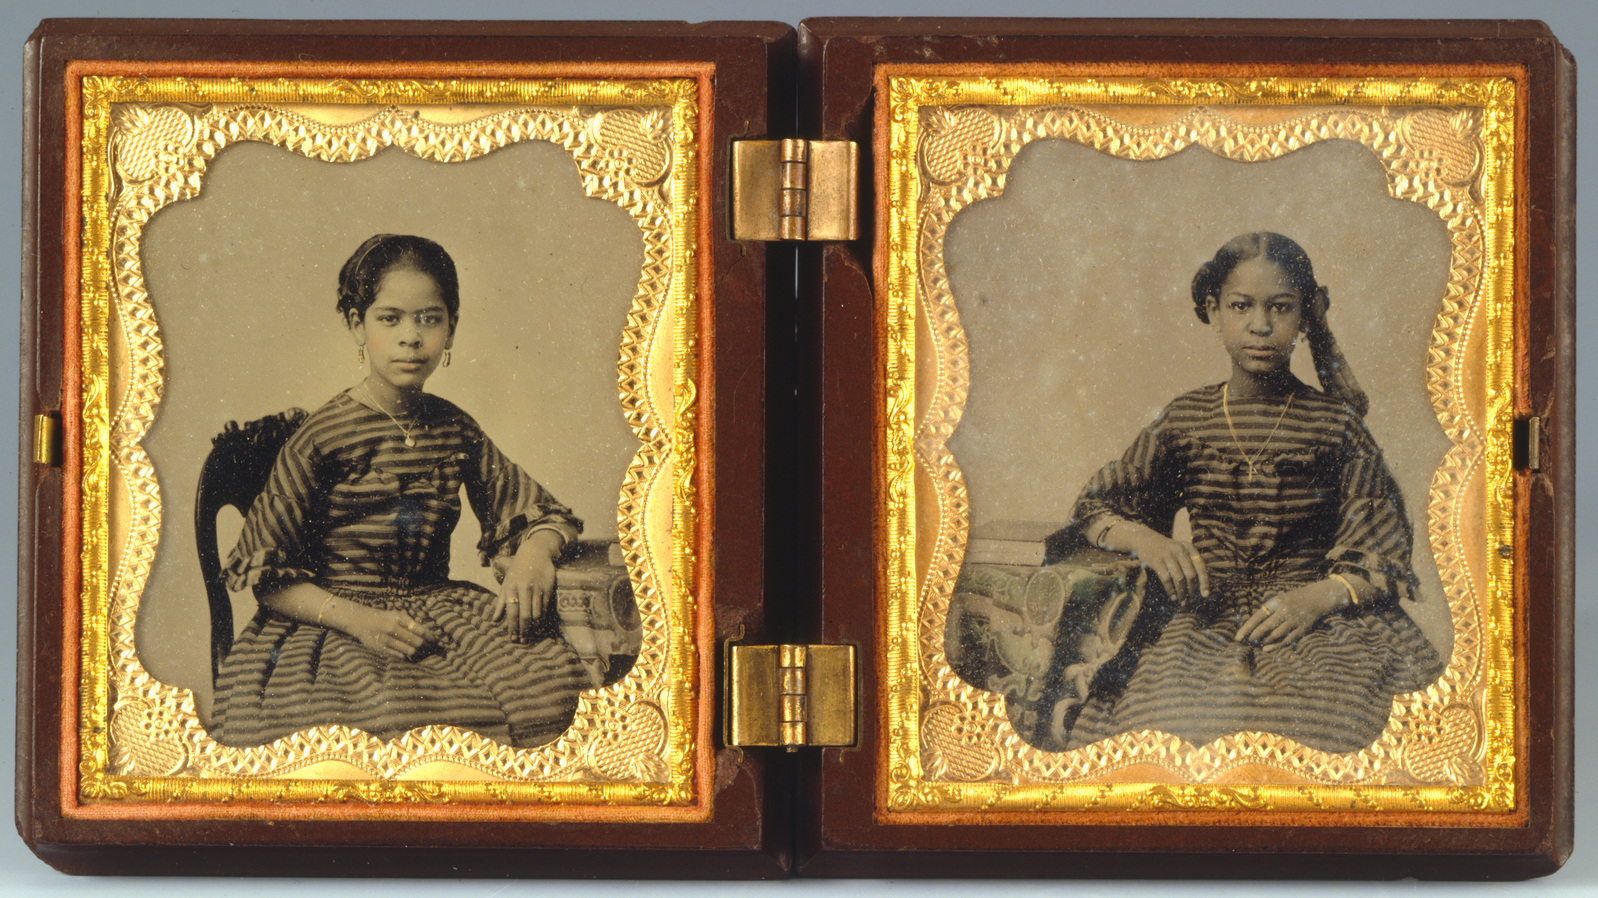 Duas fotografias em preto e branco de cada lado de uma caixa de madeira com dobradiças e ouro mostram duas meninas negras usando vestidos em tecidos e joias combinando.